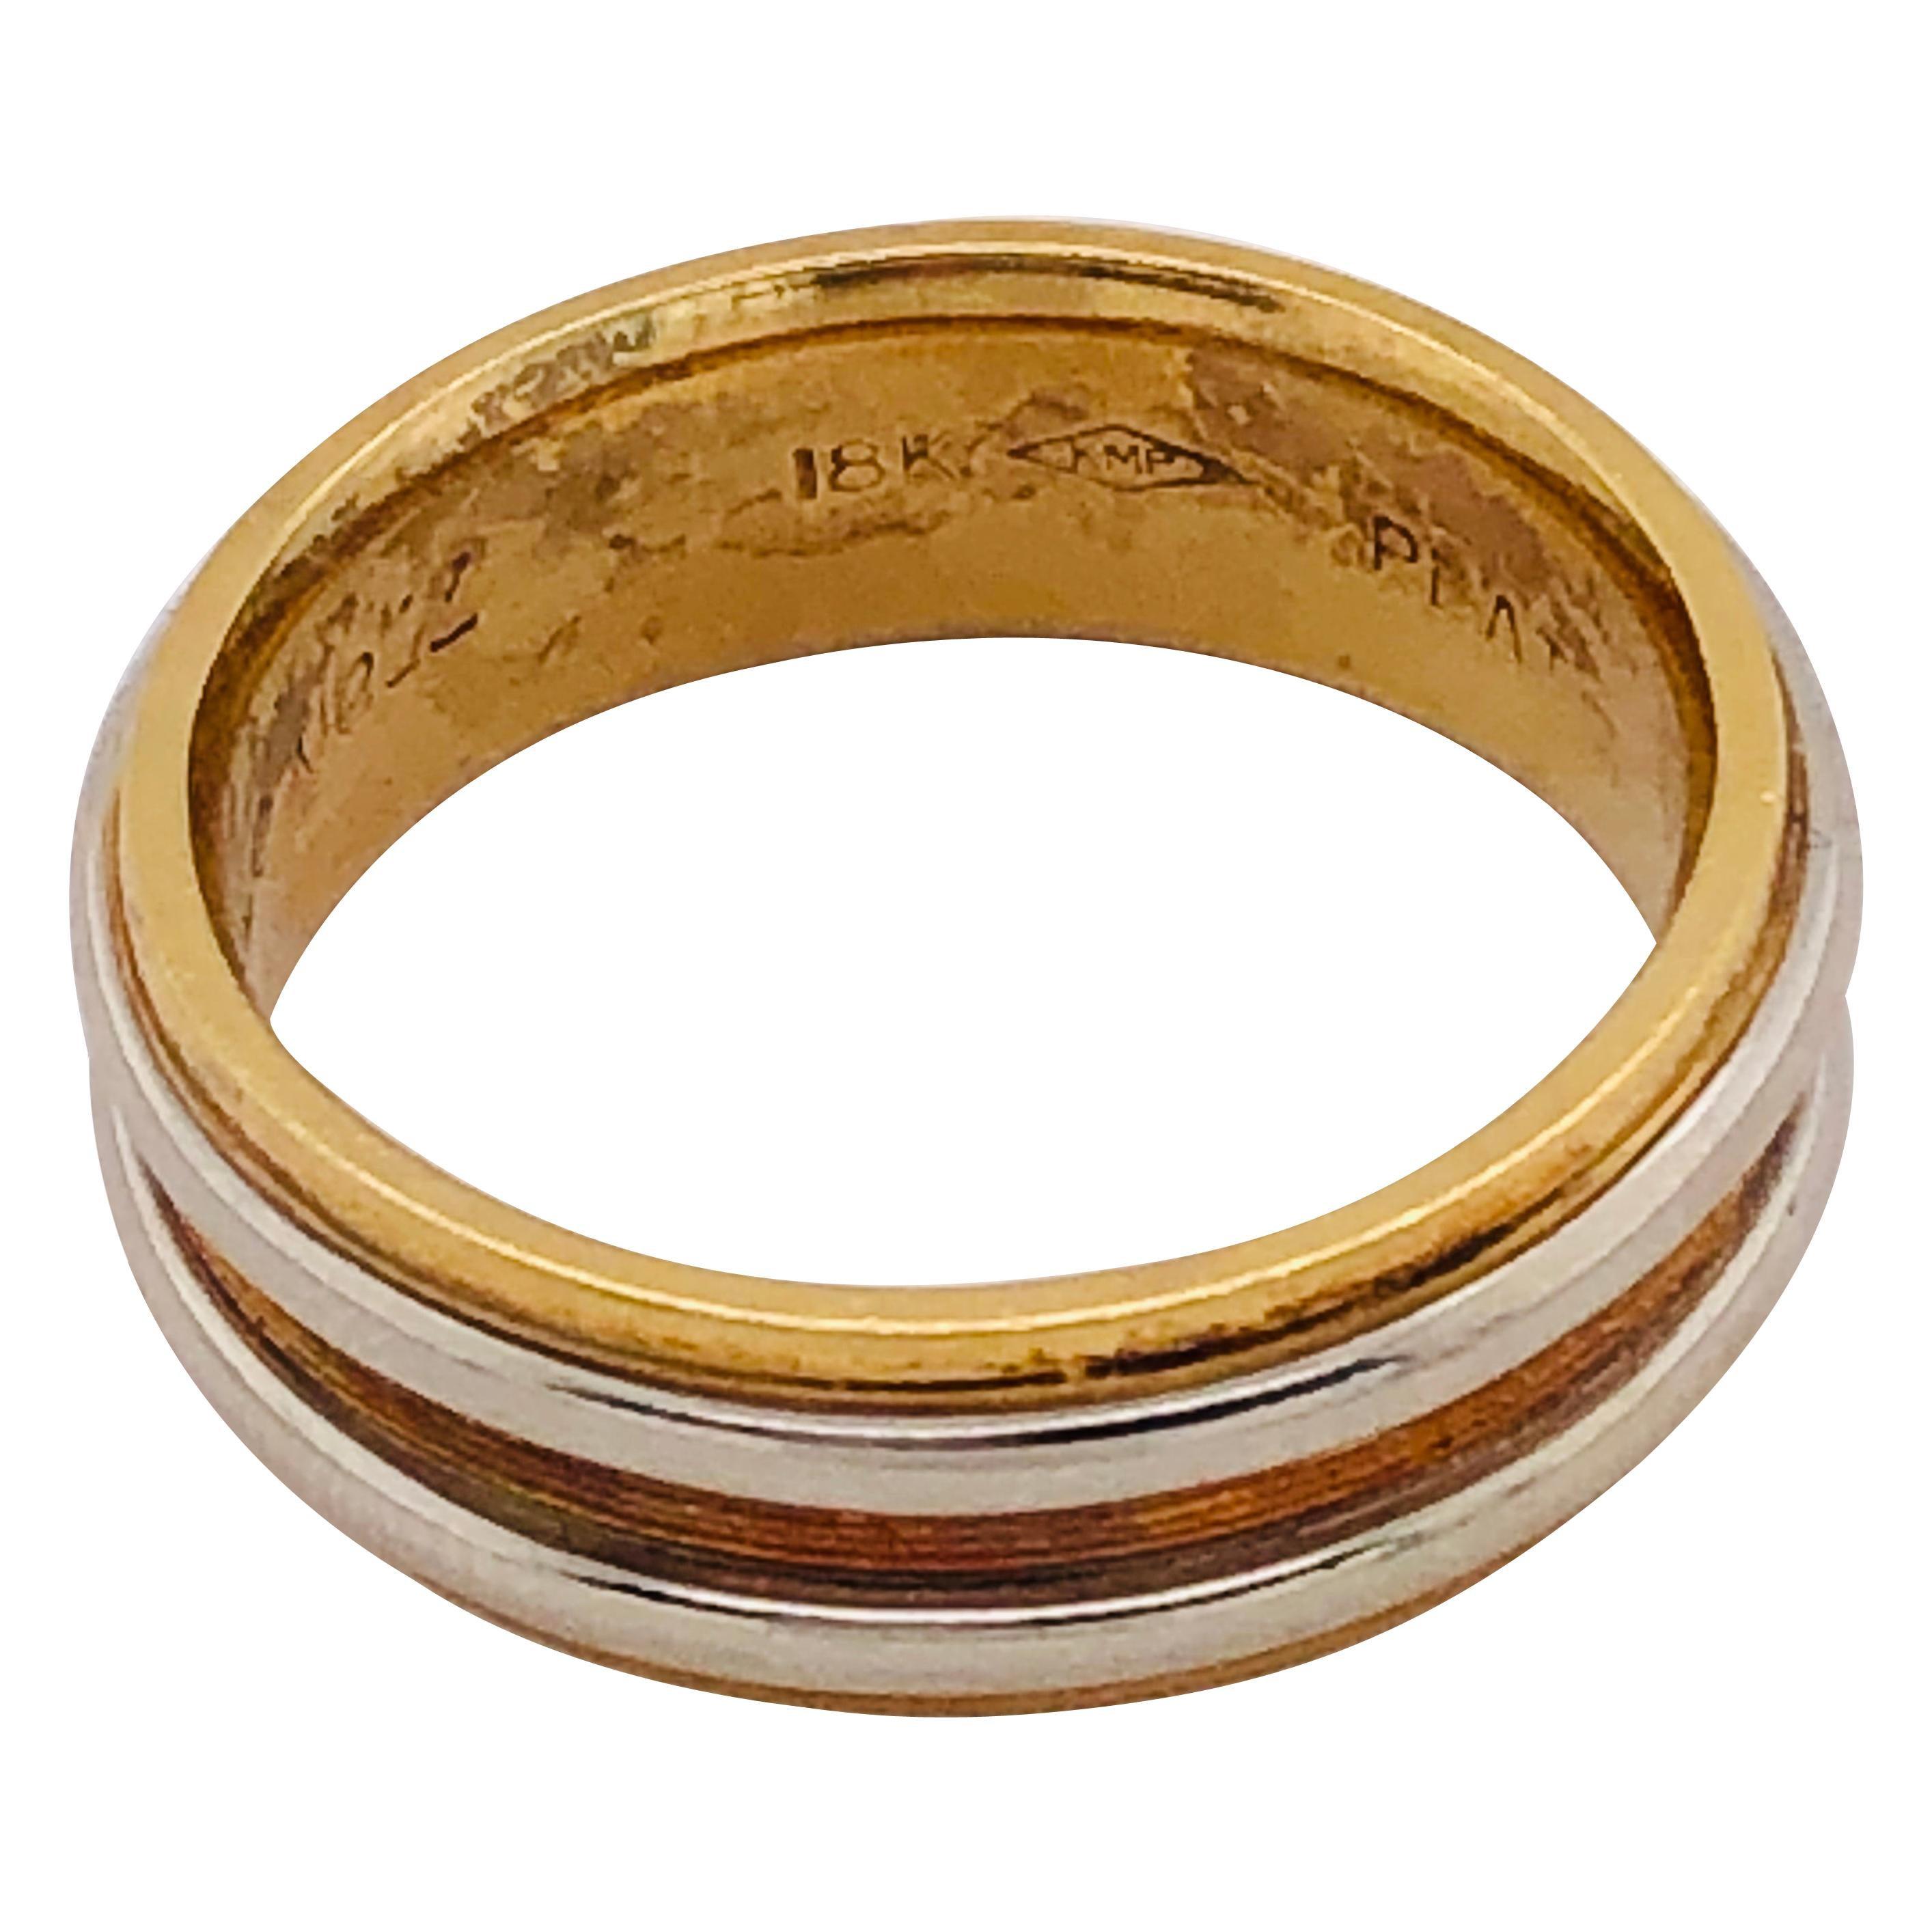 18 Karat Gold and Platinum Band Ring Wedding Bridal Ring